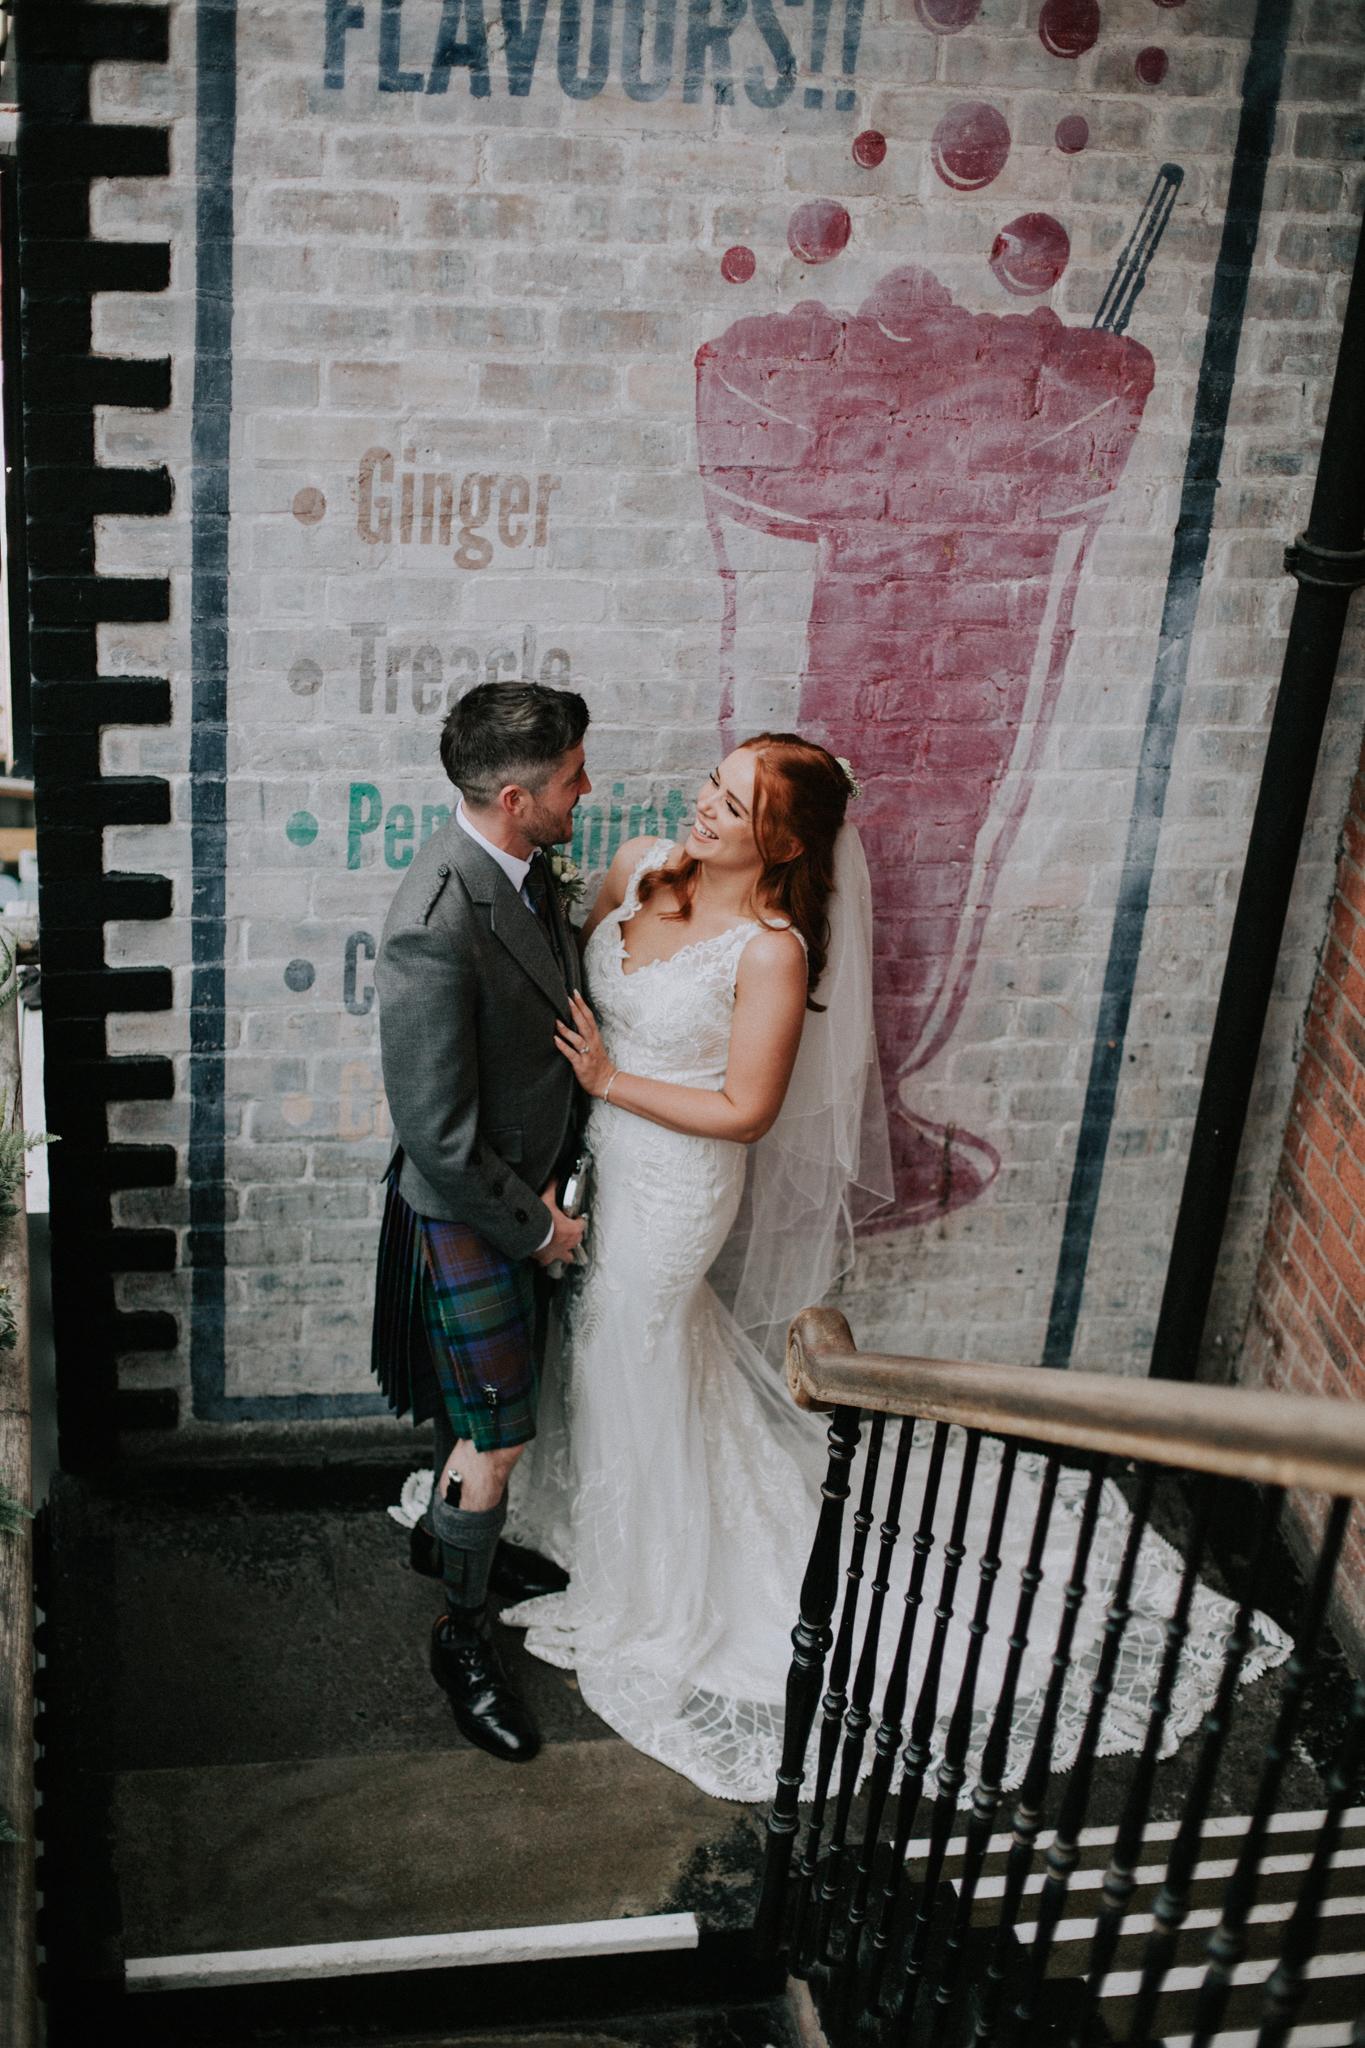 The couple shoot at Ashton Lane